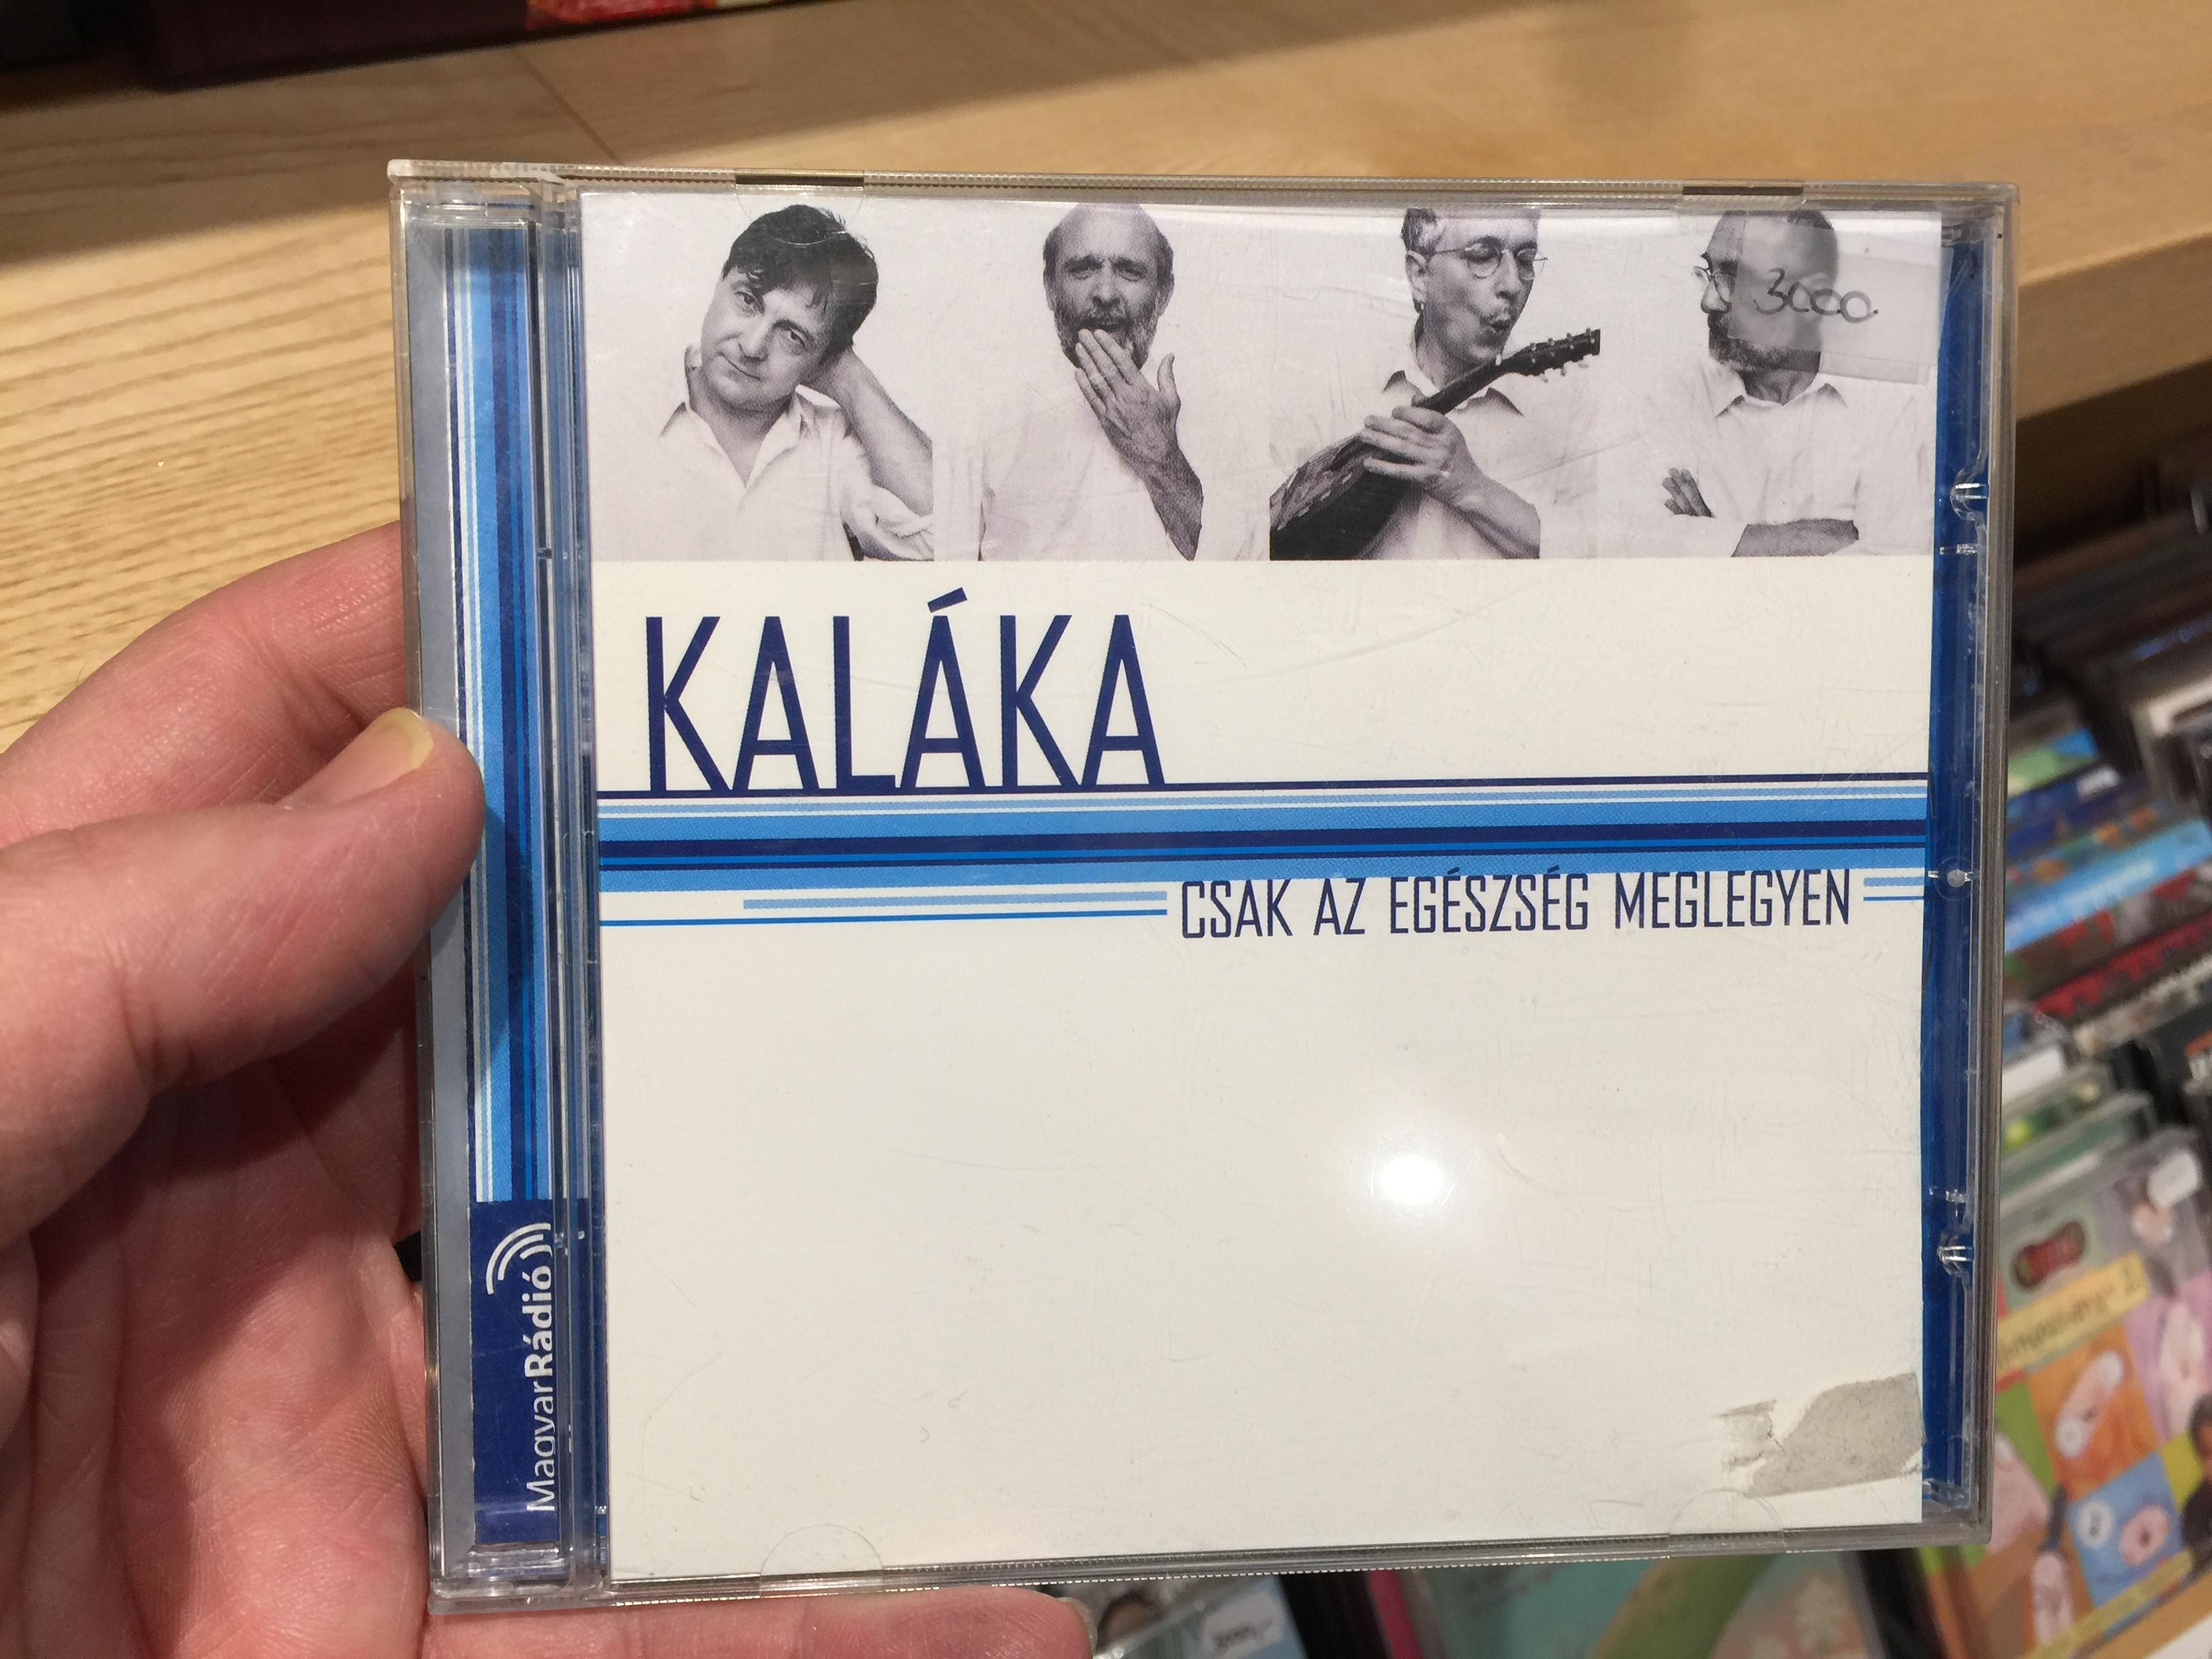 kal-ka-csak-az-eg-szs-g-meglegyen-gryllus-audio-cd-2003-gcd-031-1-.jpg